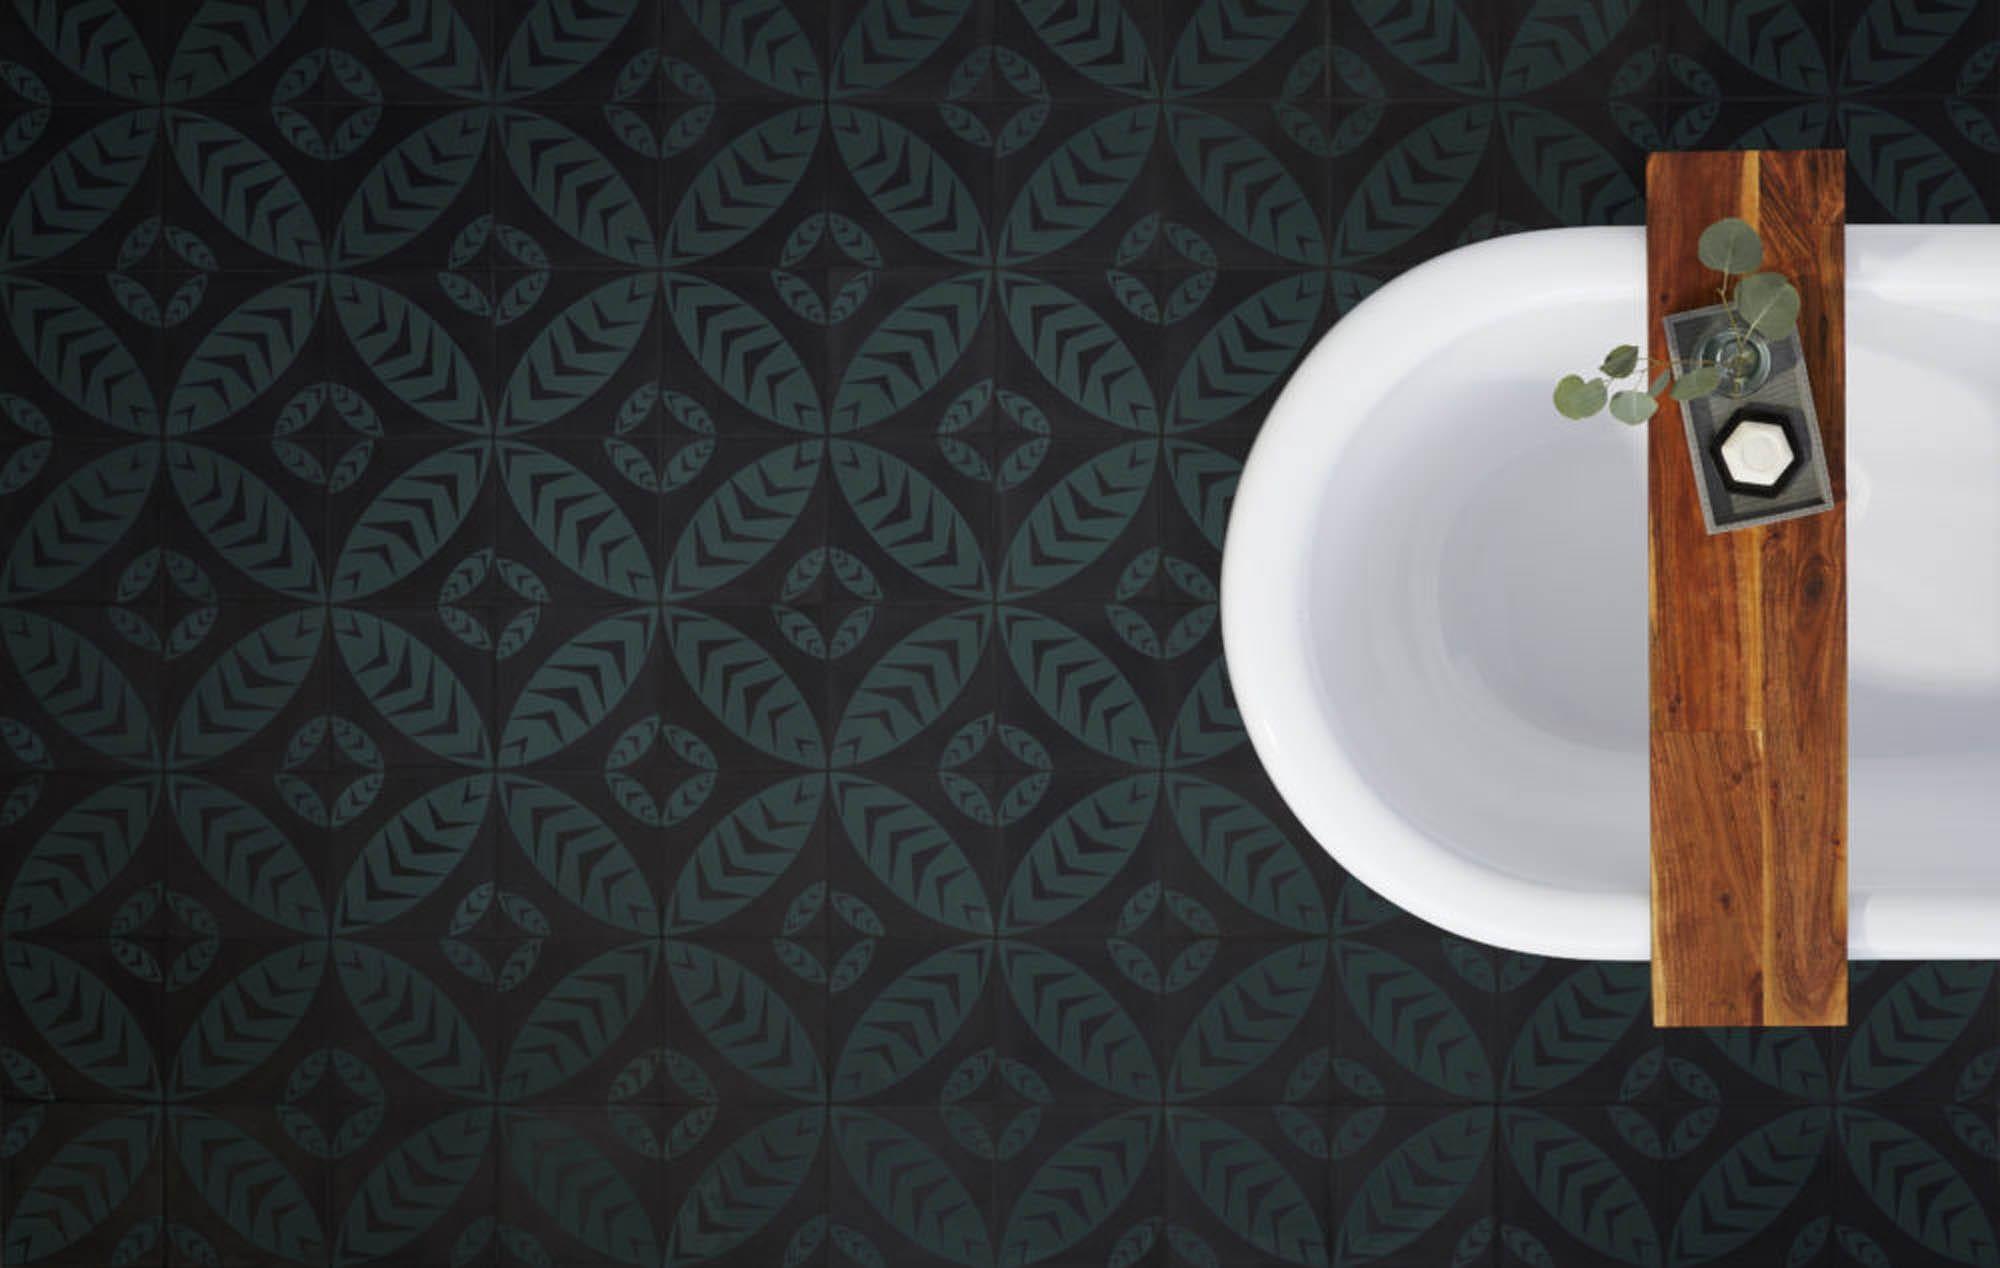 Black and green leaf motif tile